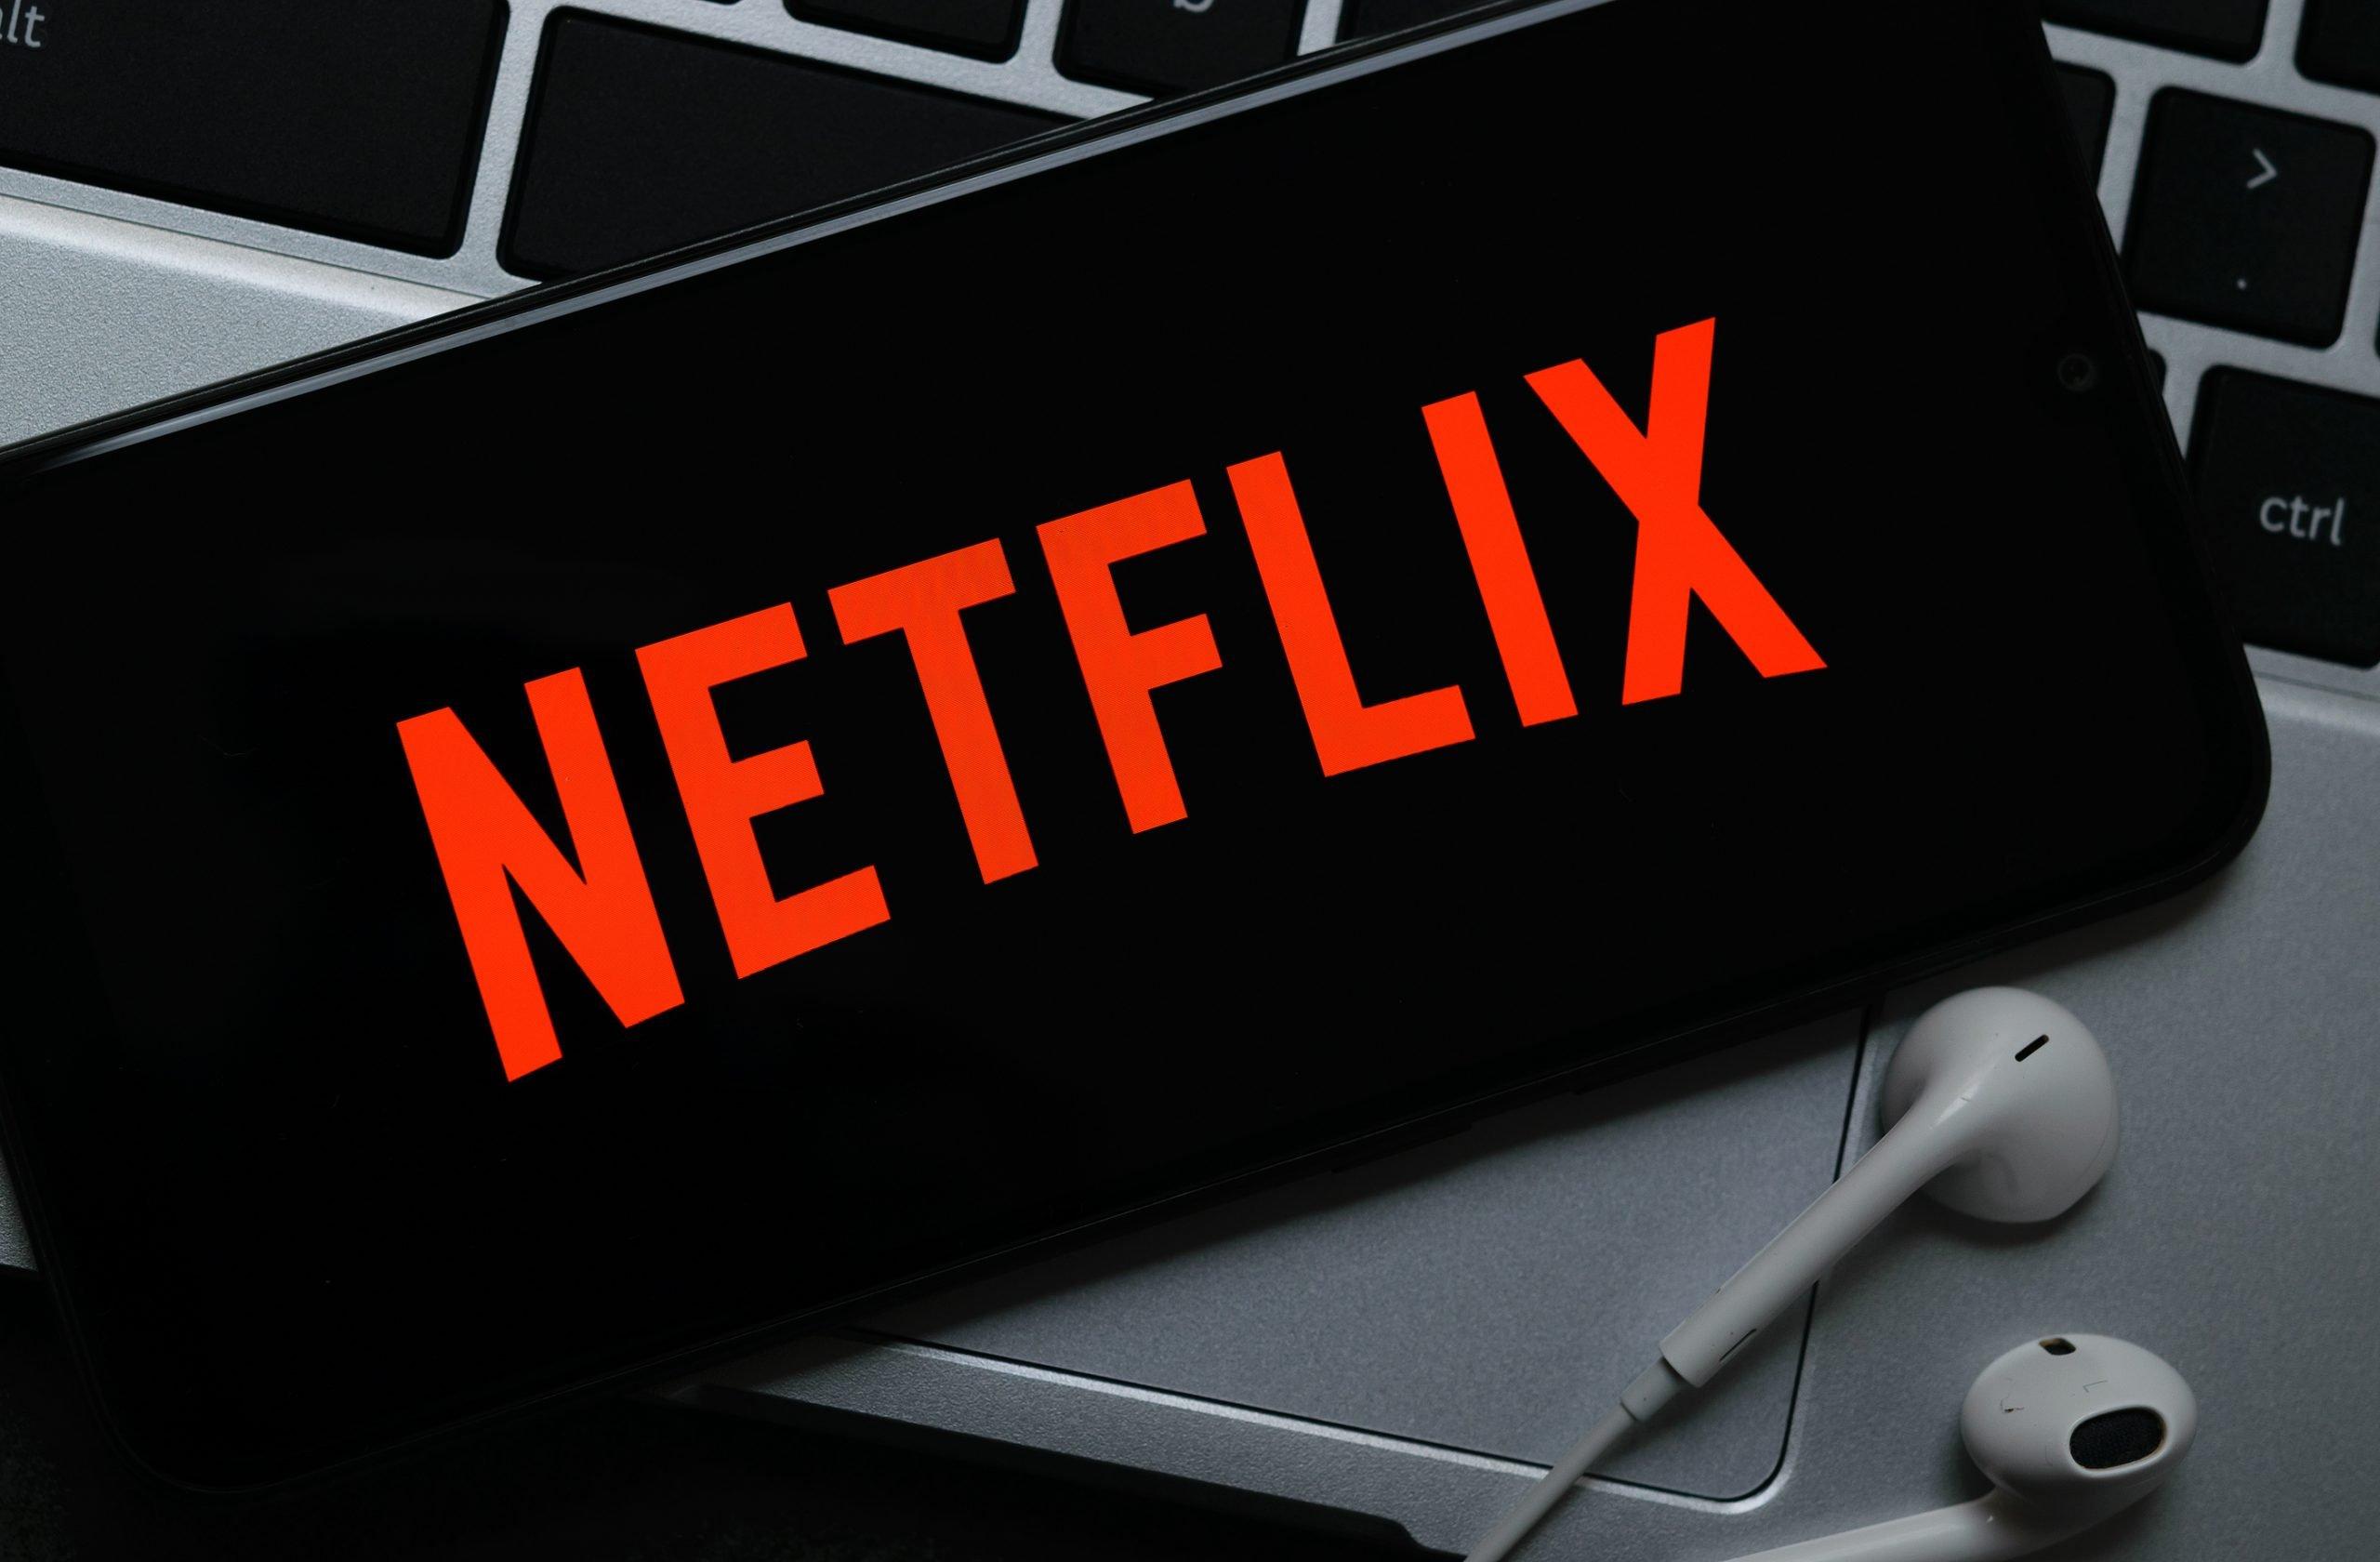 Netflix on smart phone